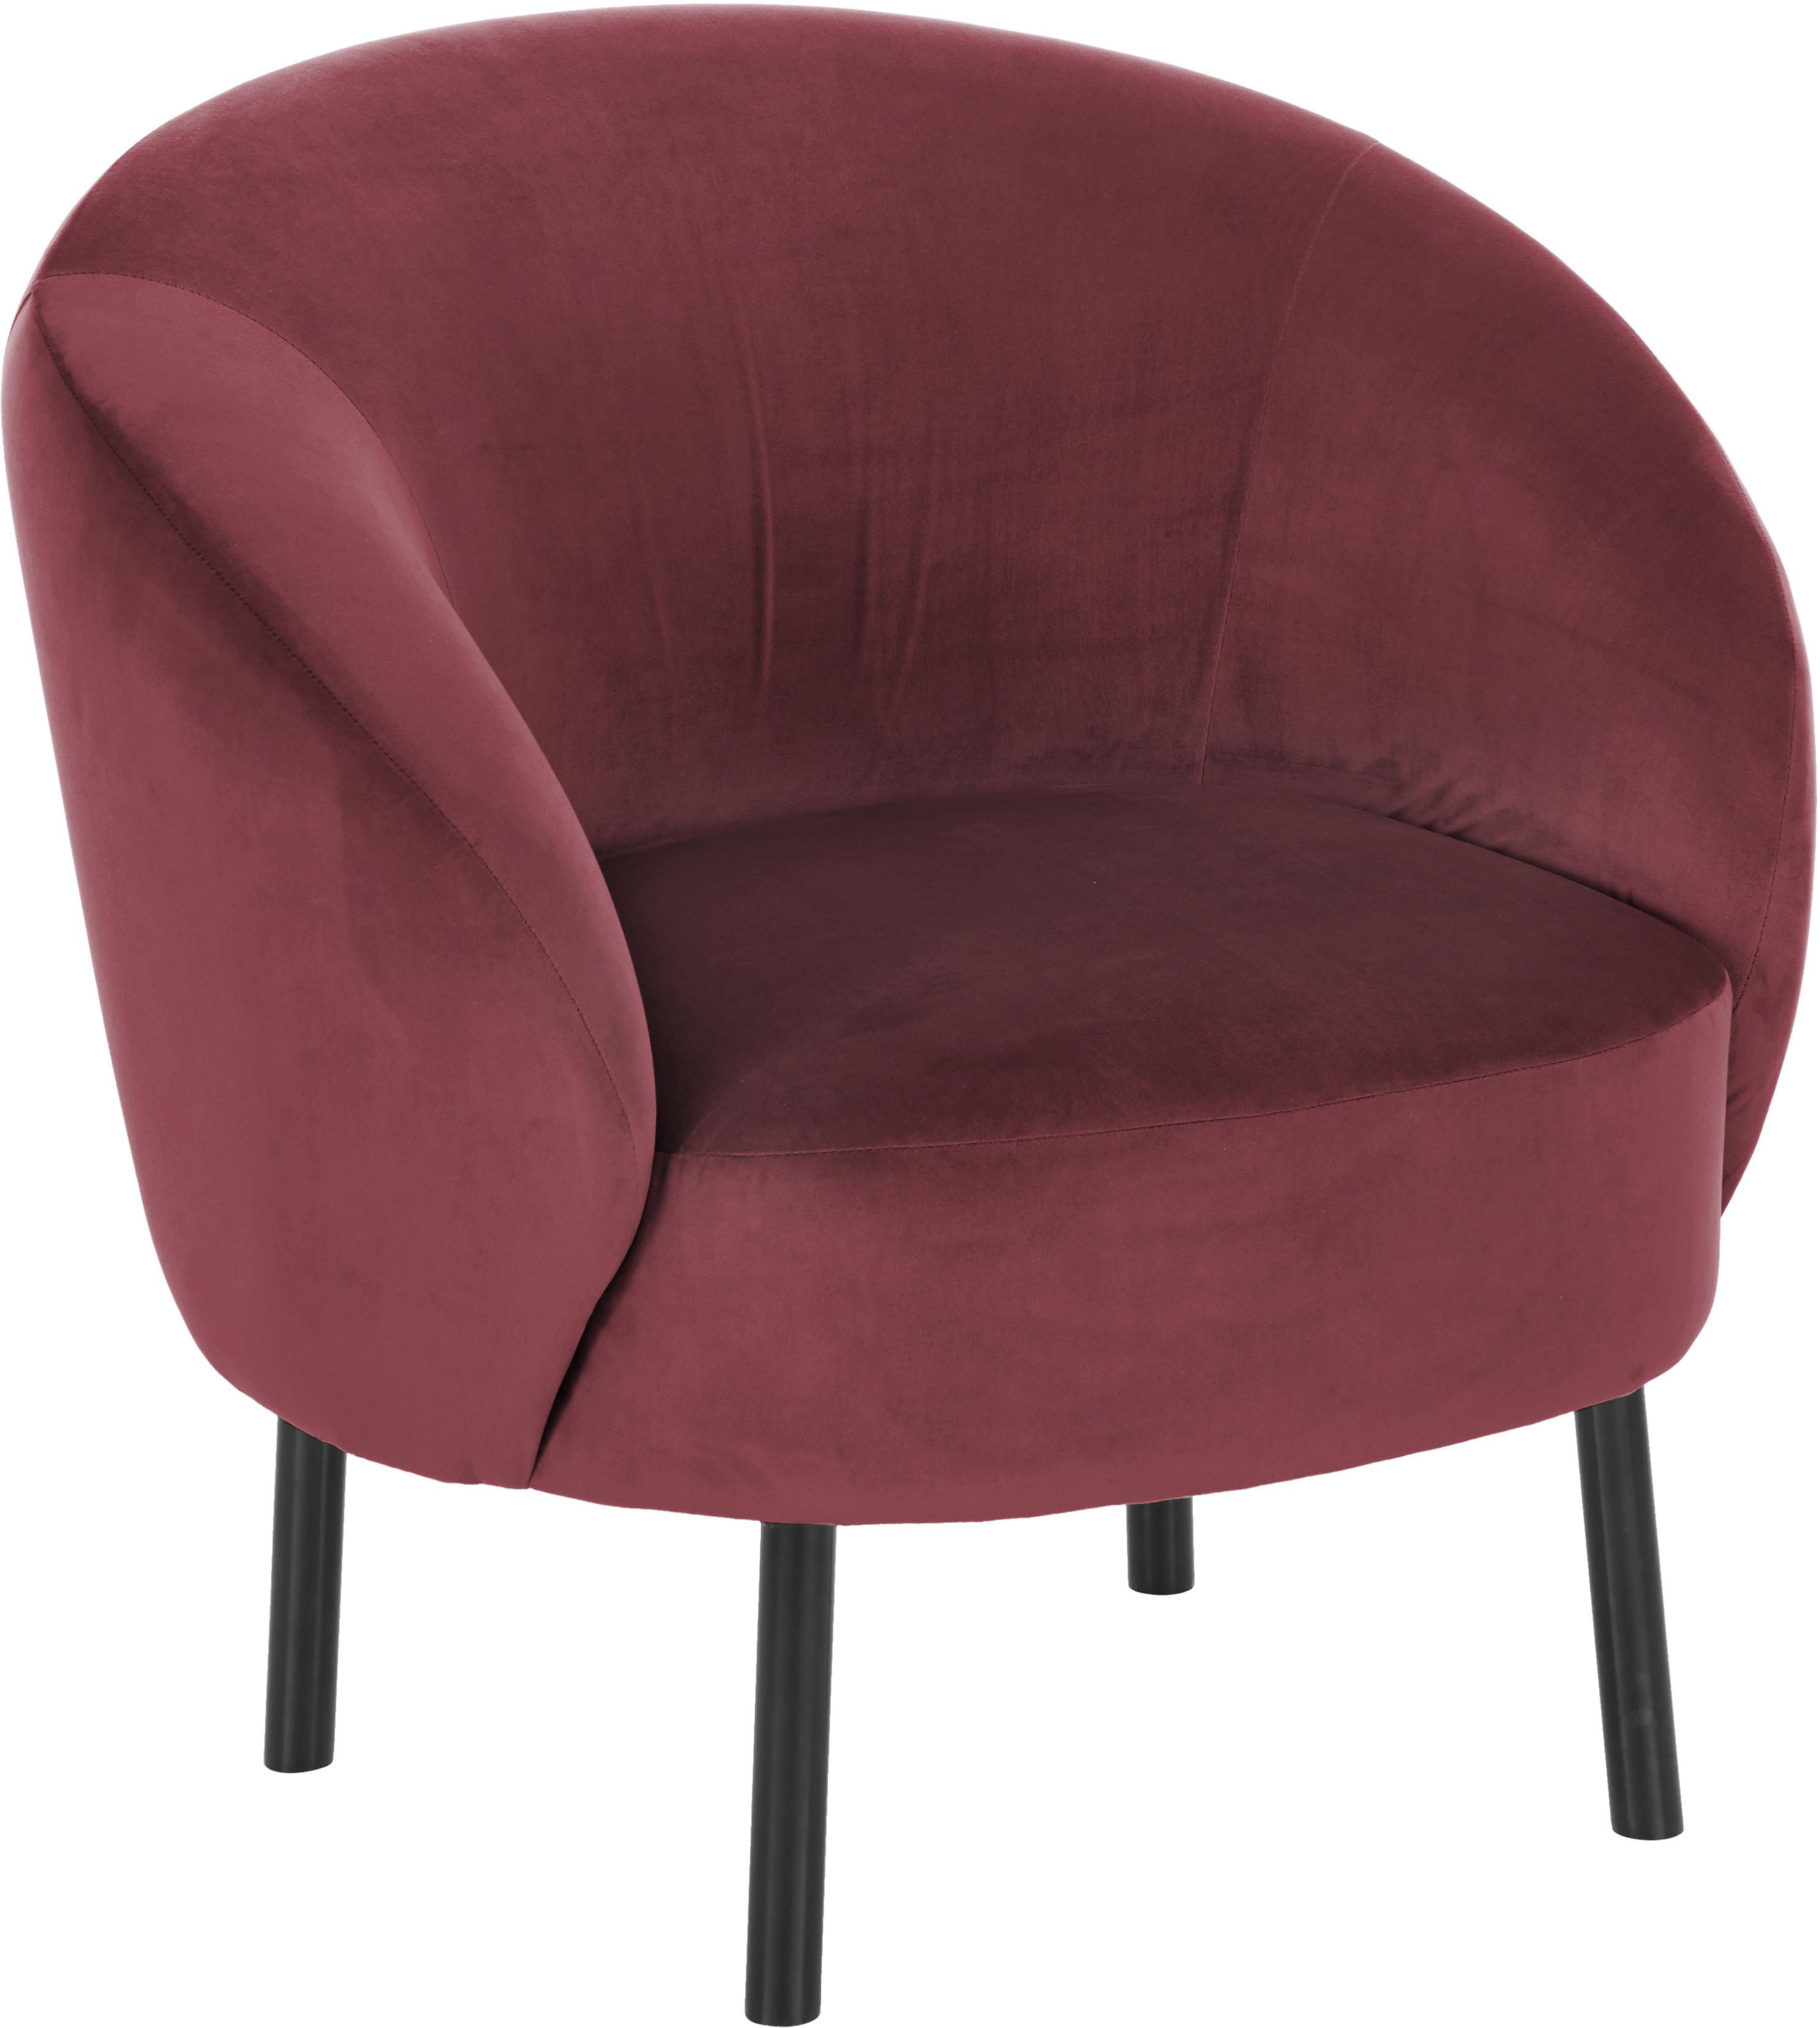 Fluwelen fauteuil Freja, Bekleding: fluweel (polyester), Poten: gepoedercoat metaal, Fluweel donkerrood, B 65 x D 72 cm